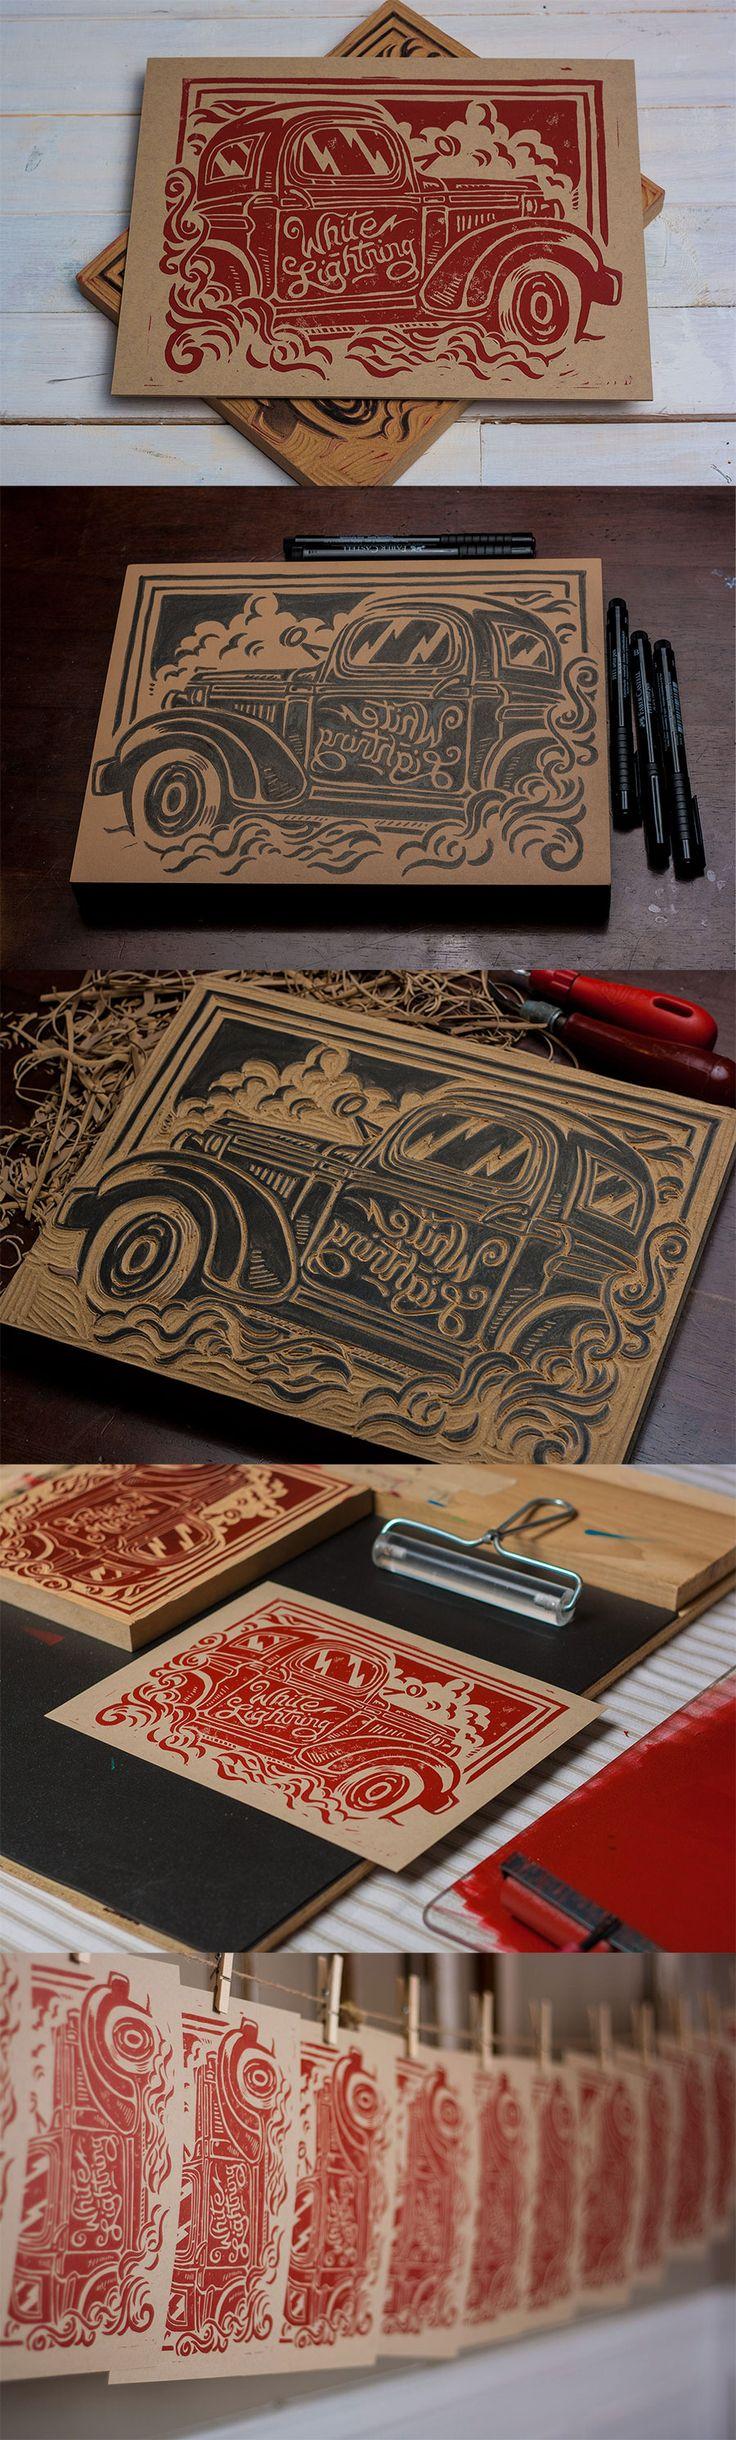 Grabado en madera #xilografia                              …